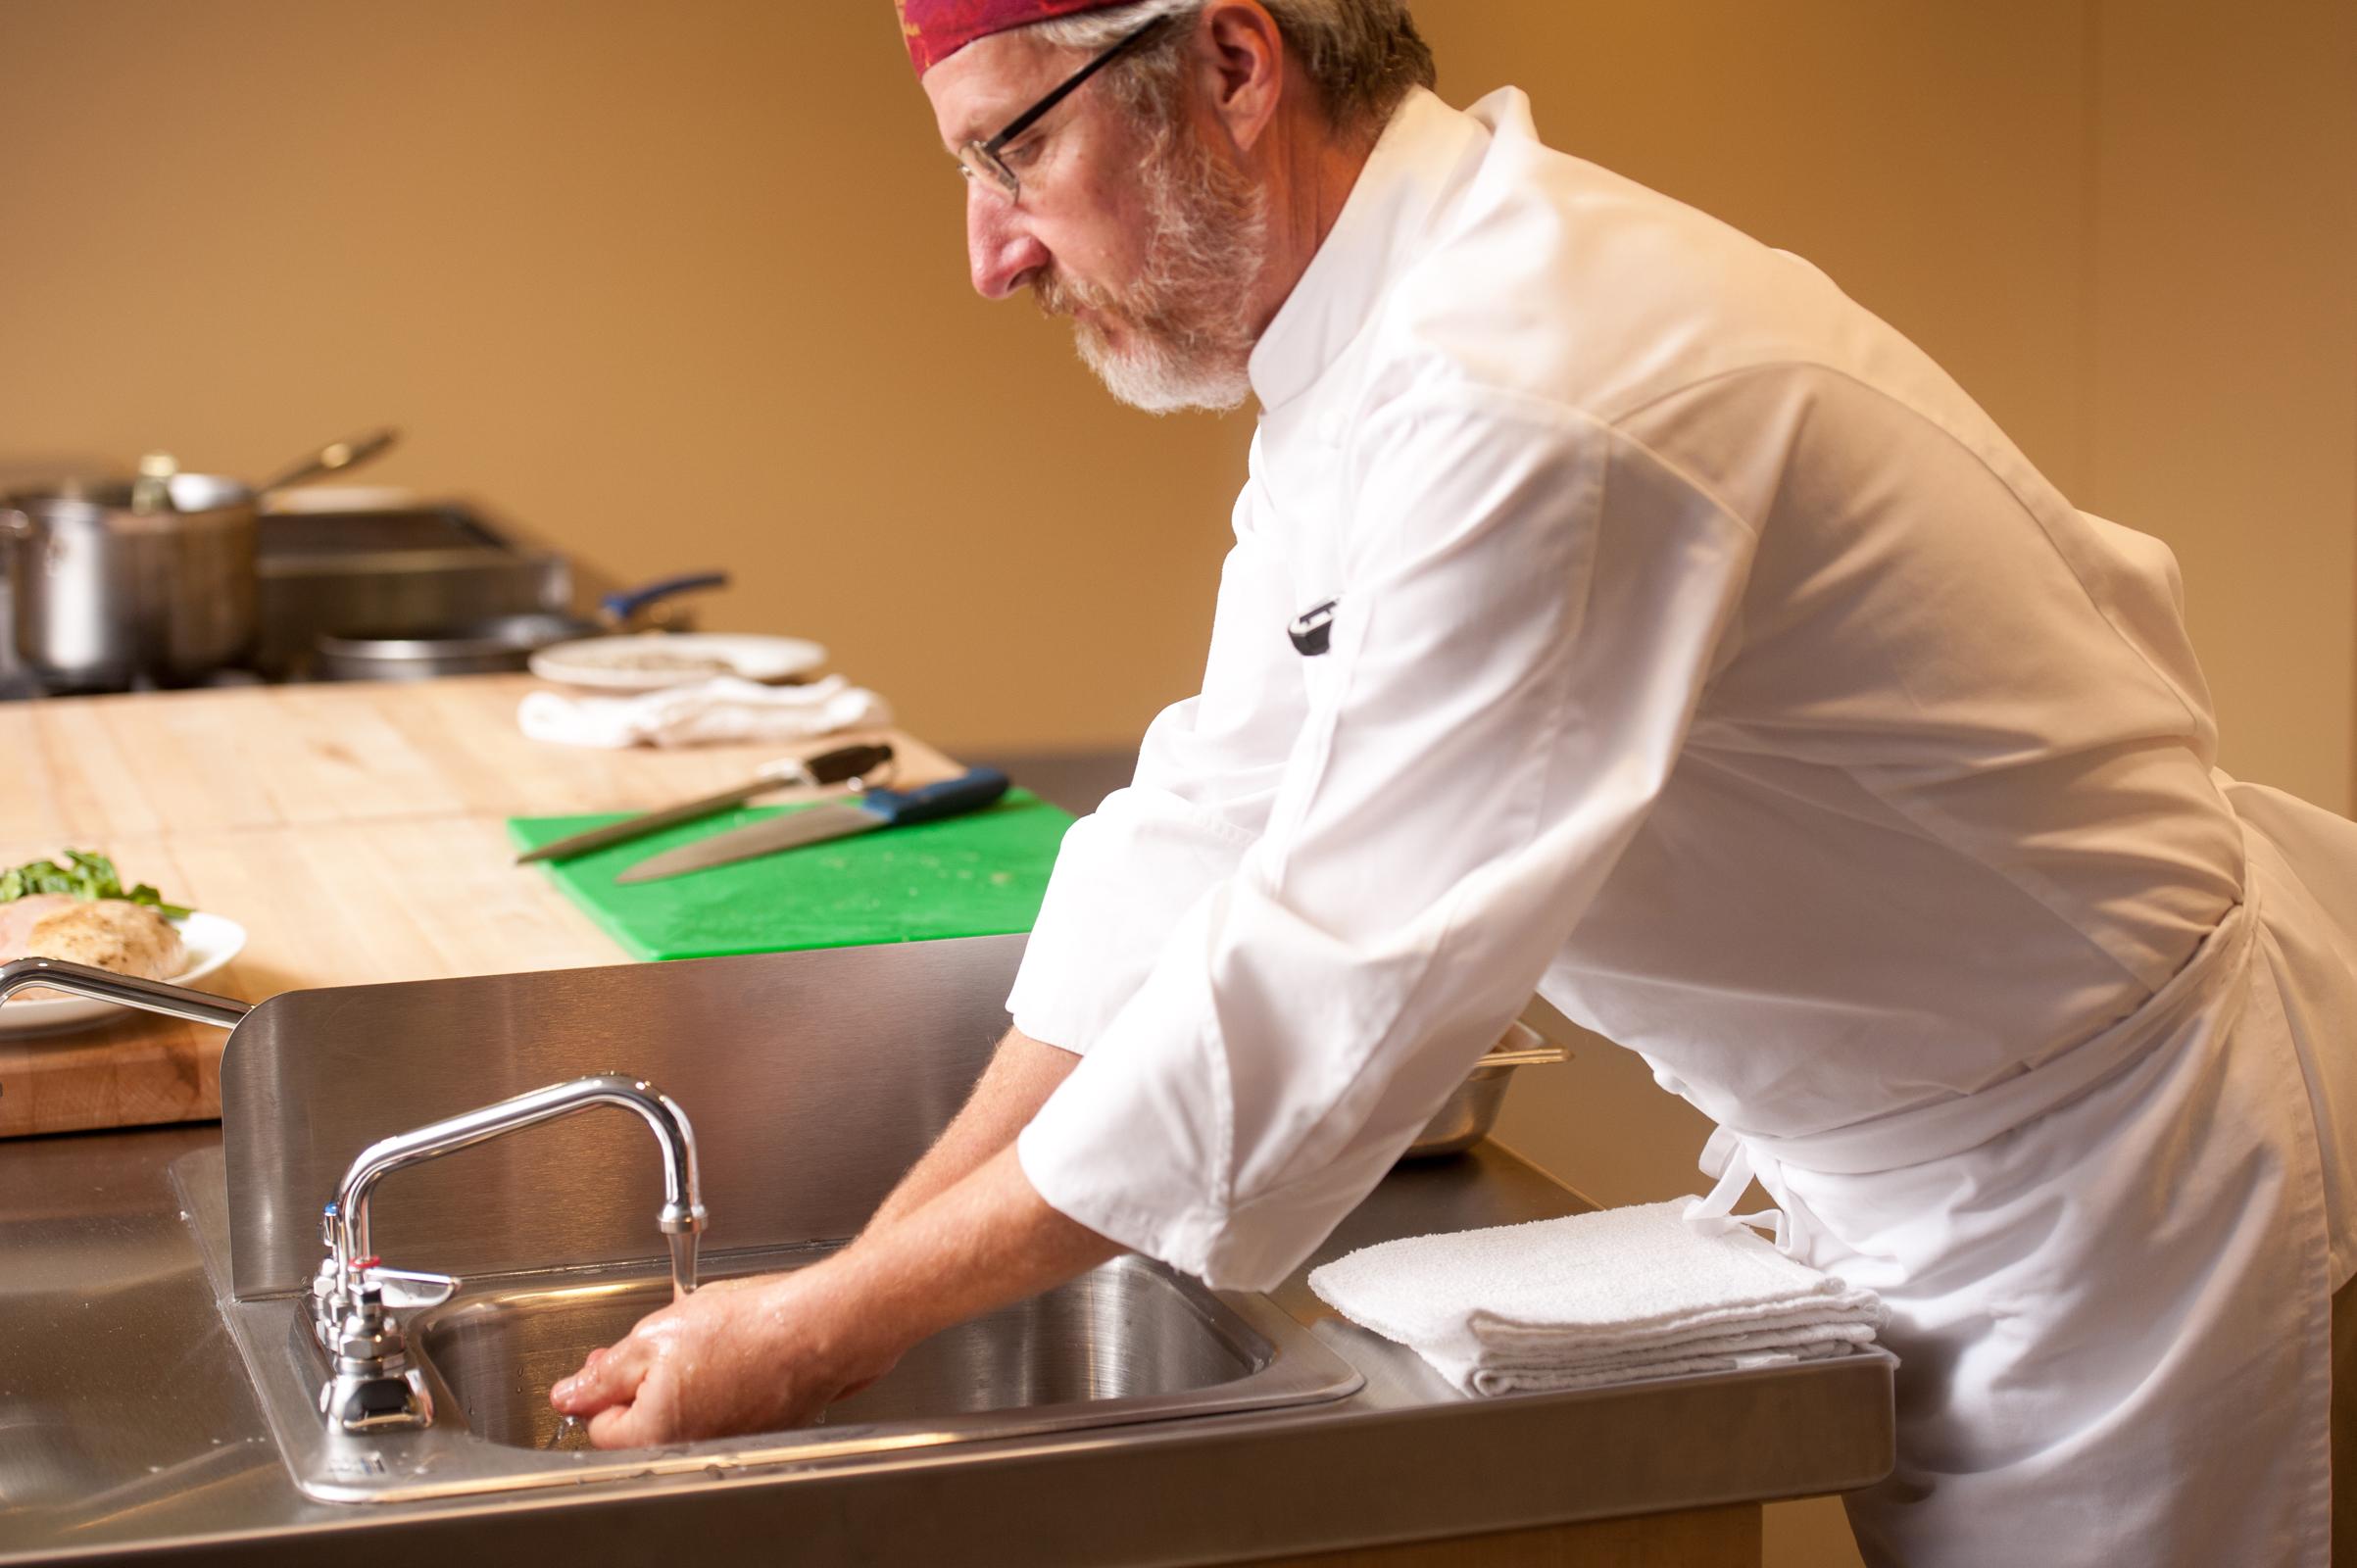 R chemical expertos en tratamiento de agua cloraci n for Lavado de manos en la cocina